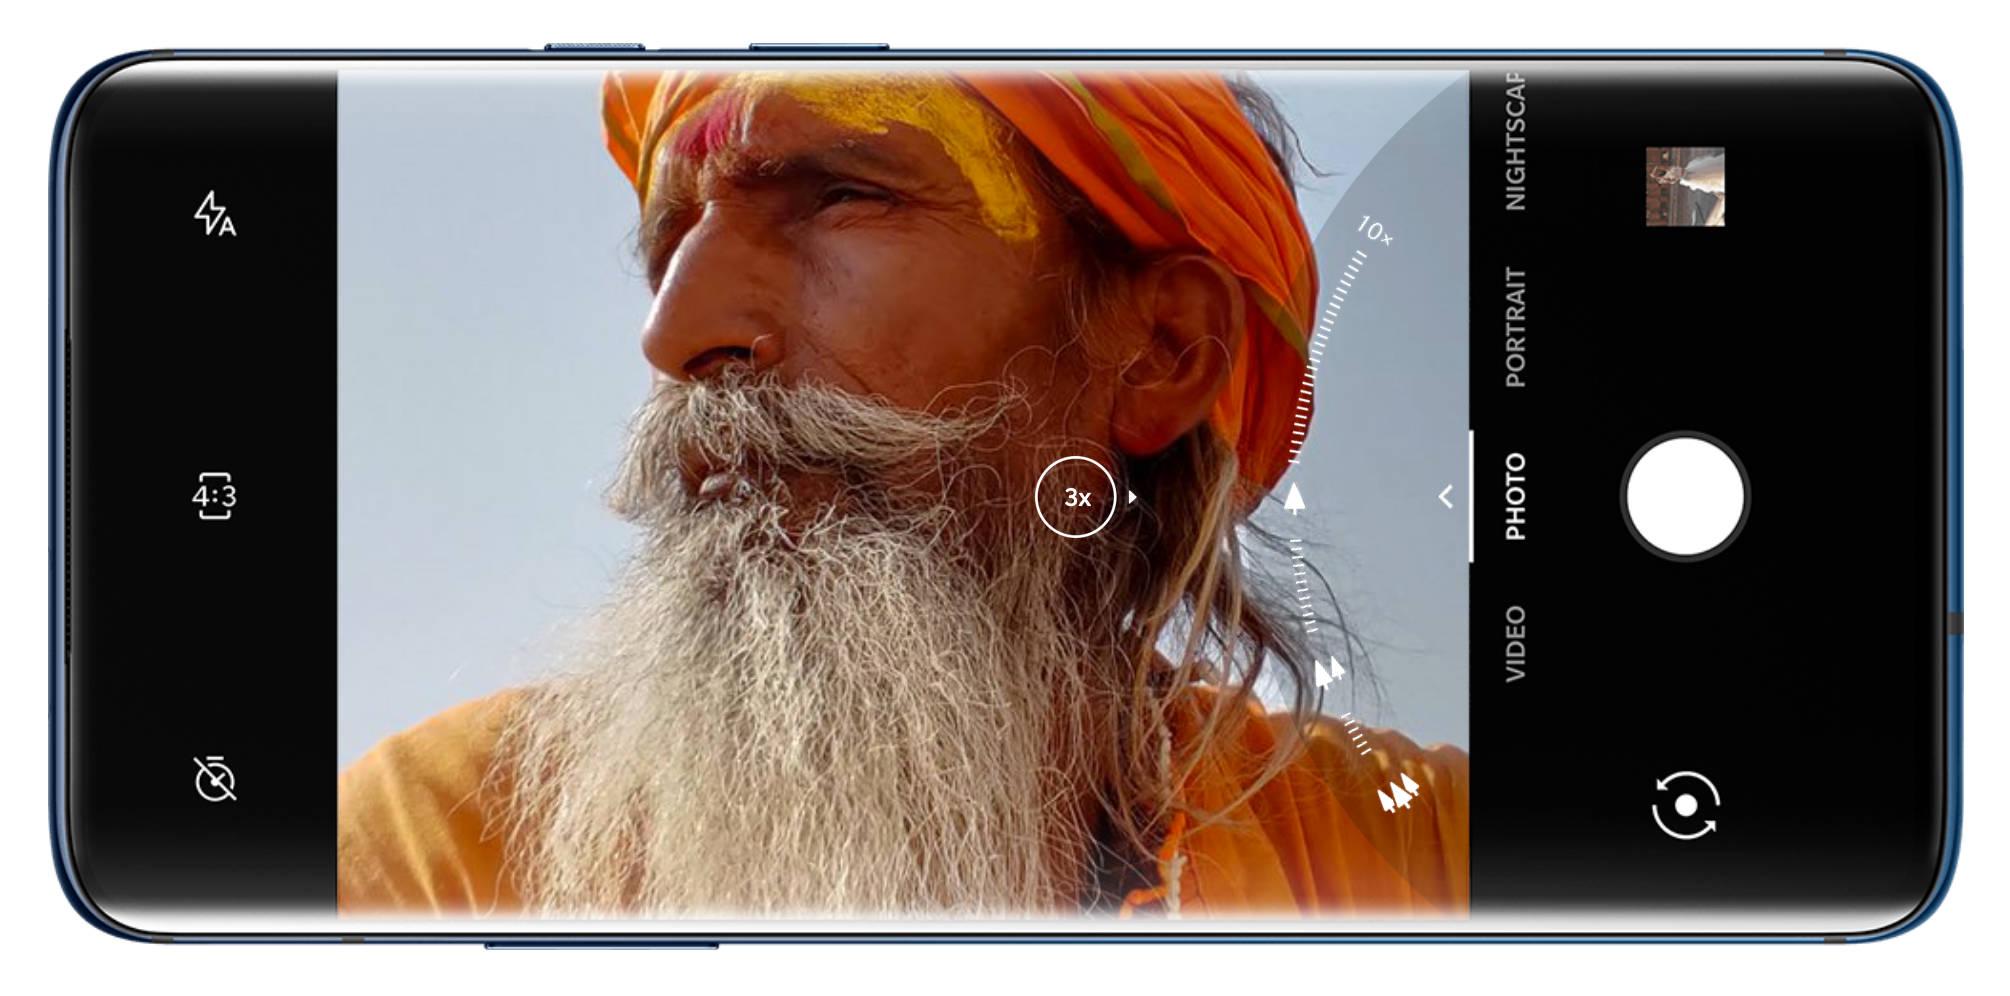 OnePlus 7 Pro aktualizacja OxygenOS 9 poprawki dla aparatu HDR Nightscape 2.0